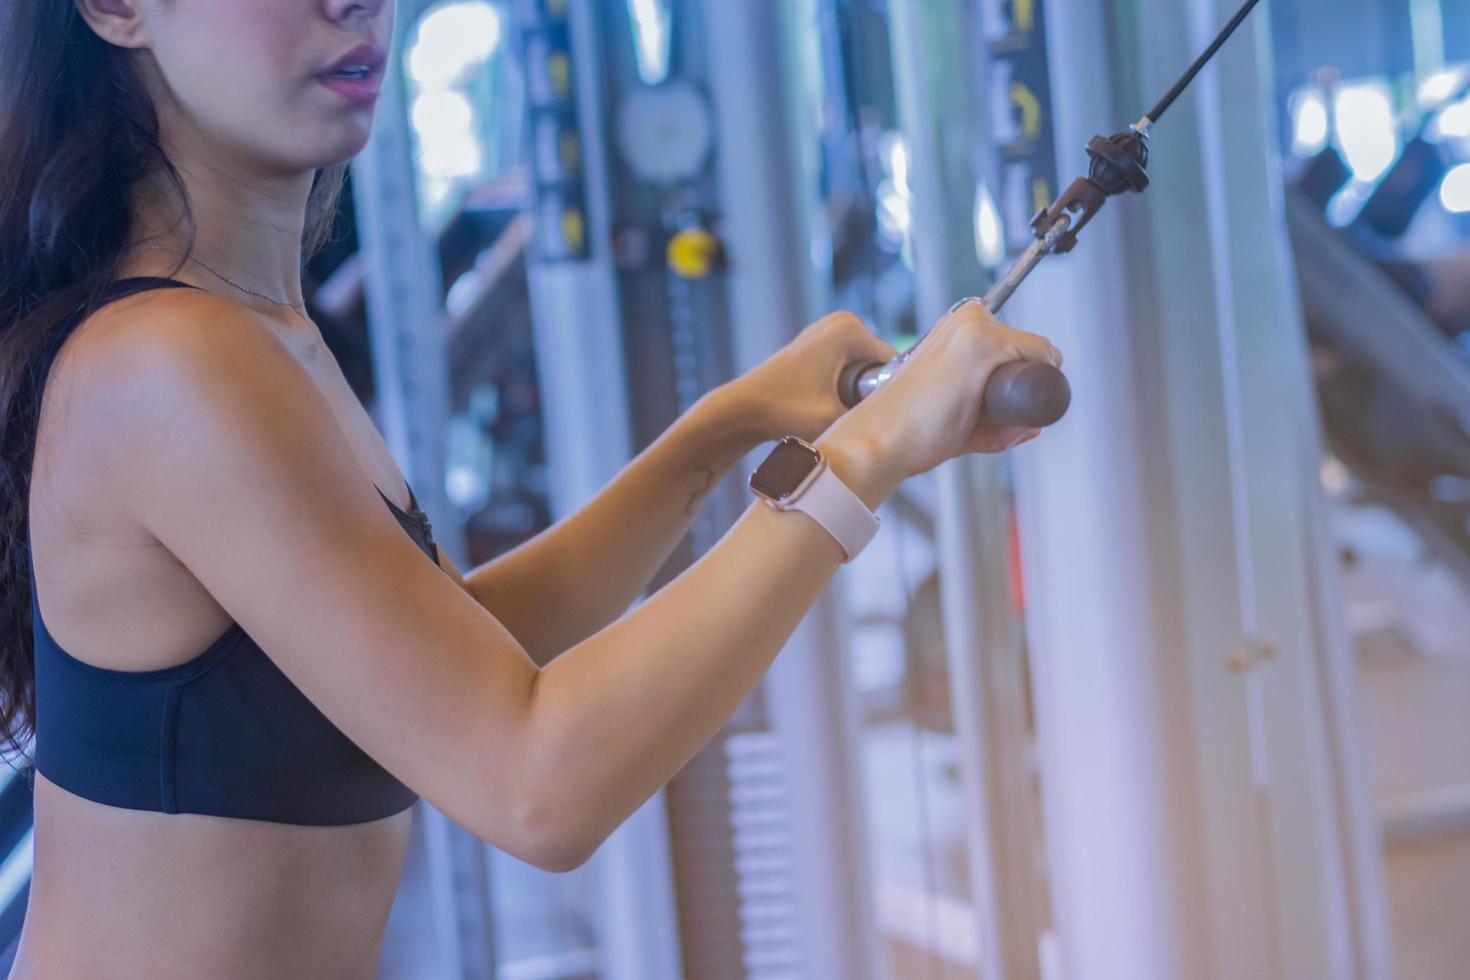 jonge mooie vrouw die oefeningen in de sportschool doet foto